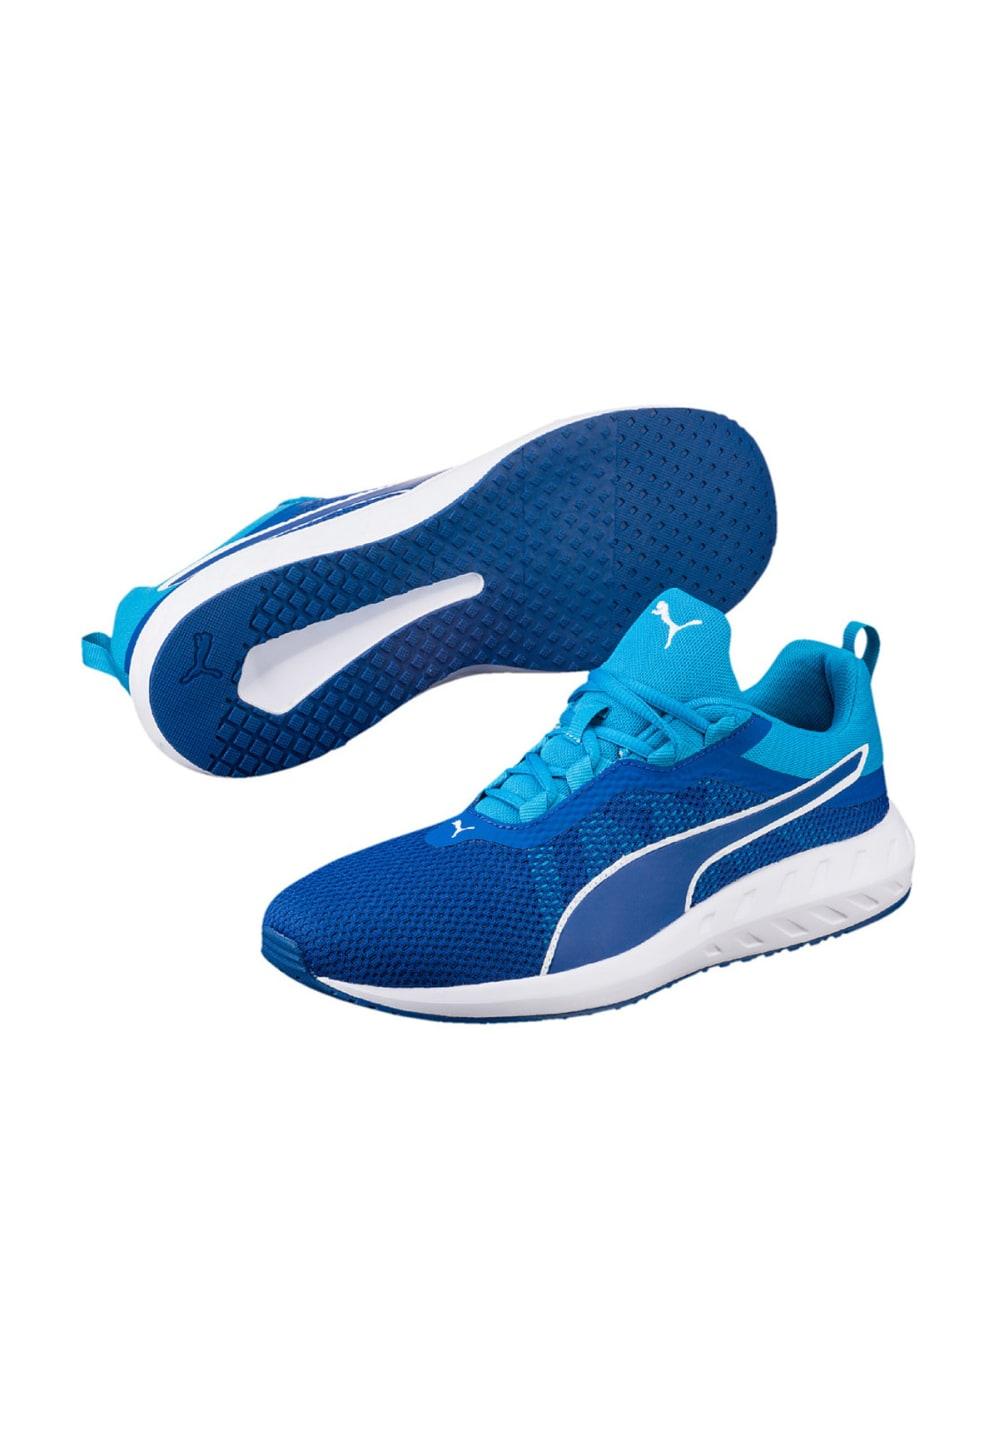 Puma Flare 2 - Laufschuhe für Herren - Blau, Gr. 40,5